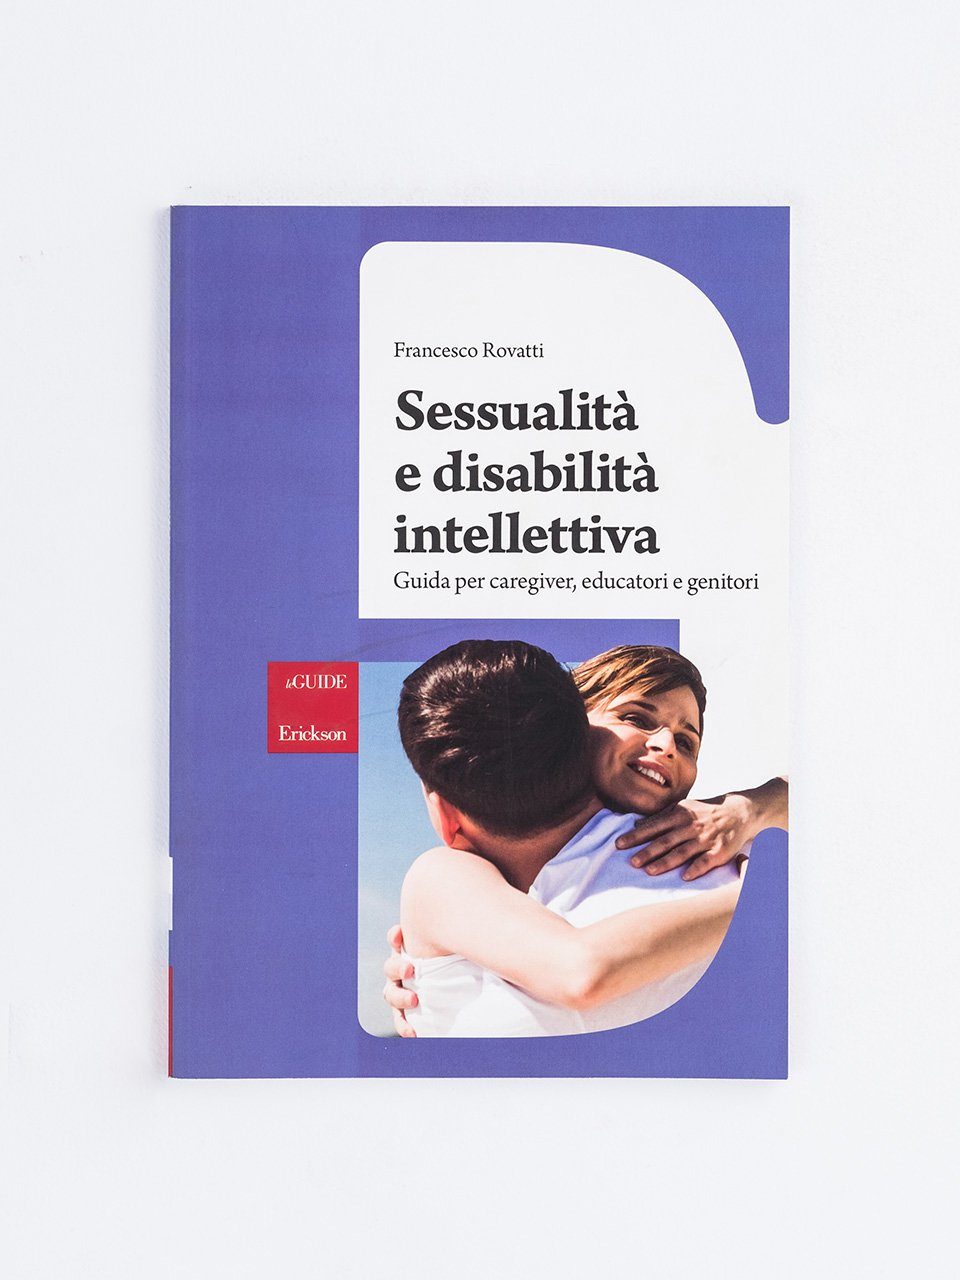 Sessualità e disabilità intellettiva - Come parlare di sessualità con il proprio figlio Asperger - Erickson